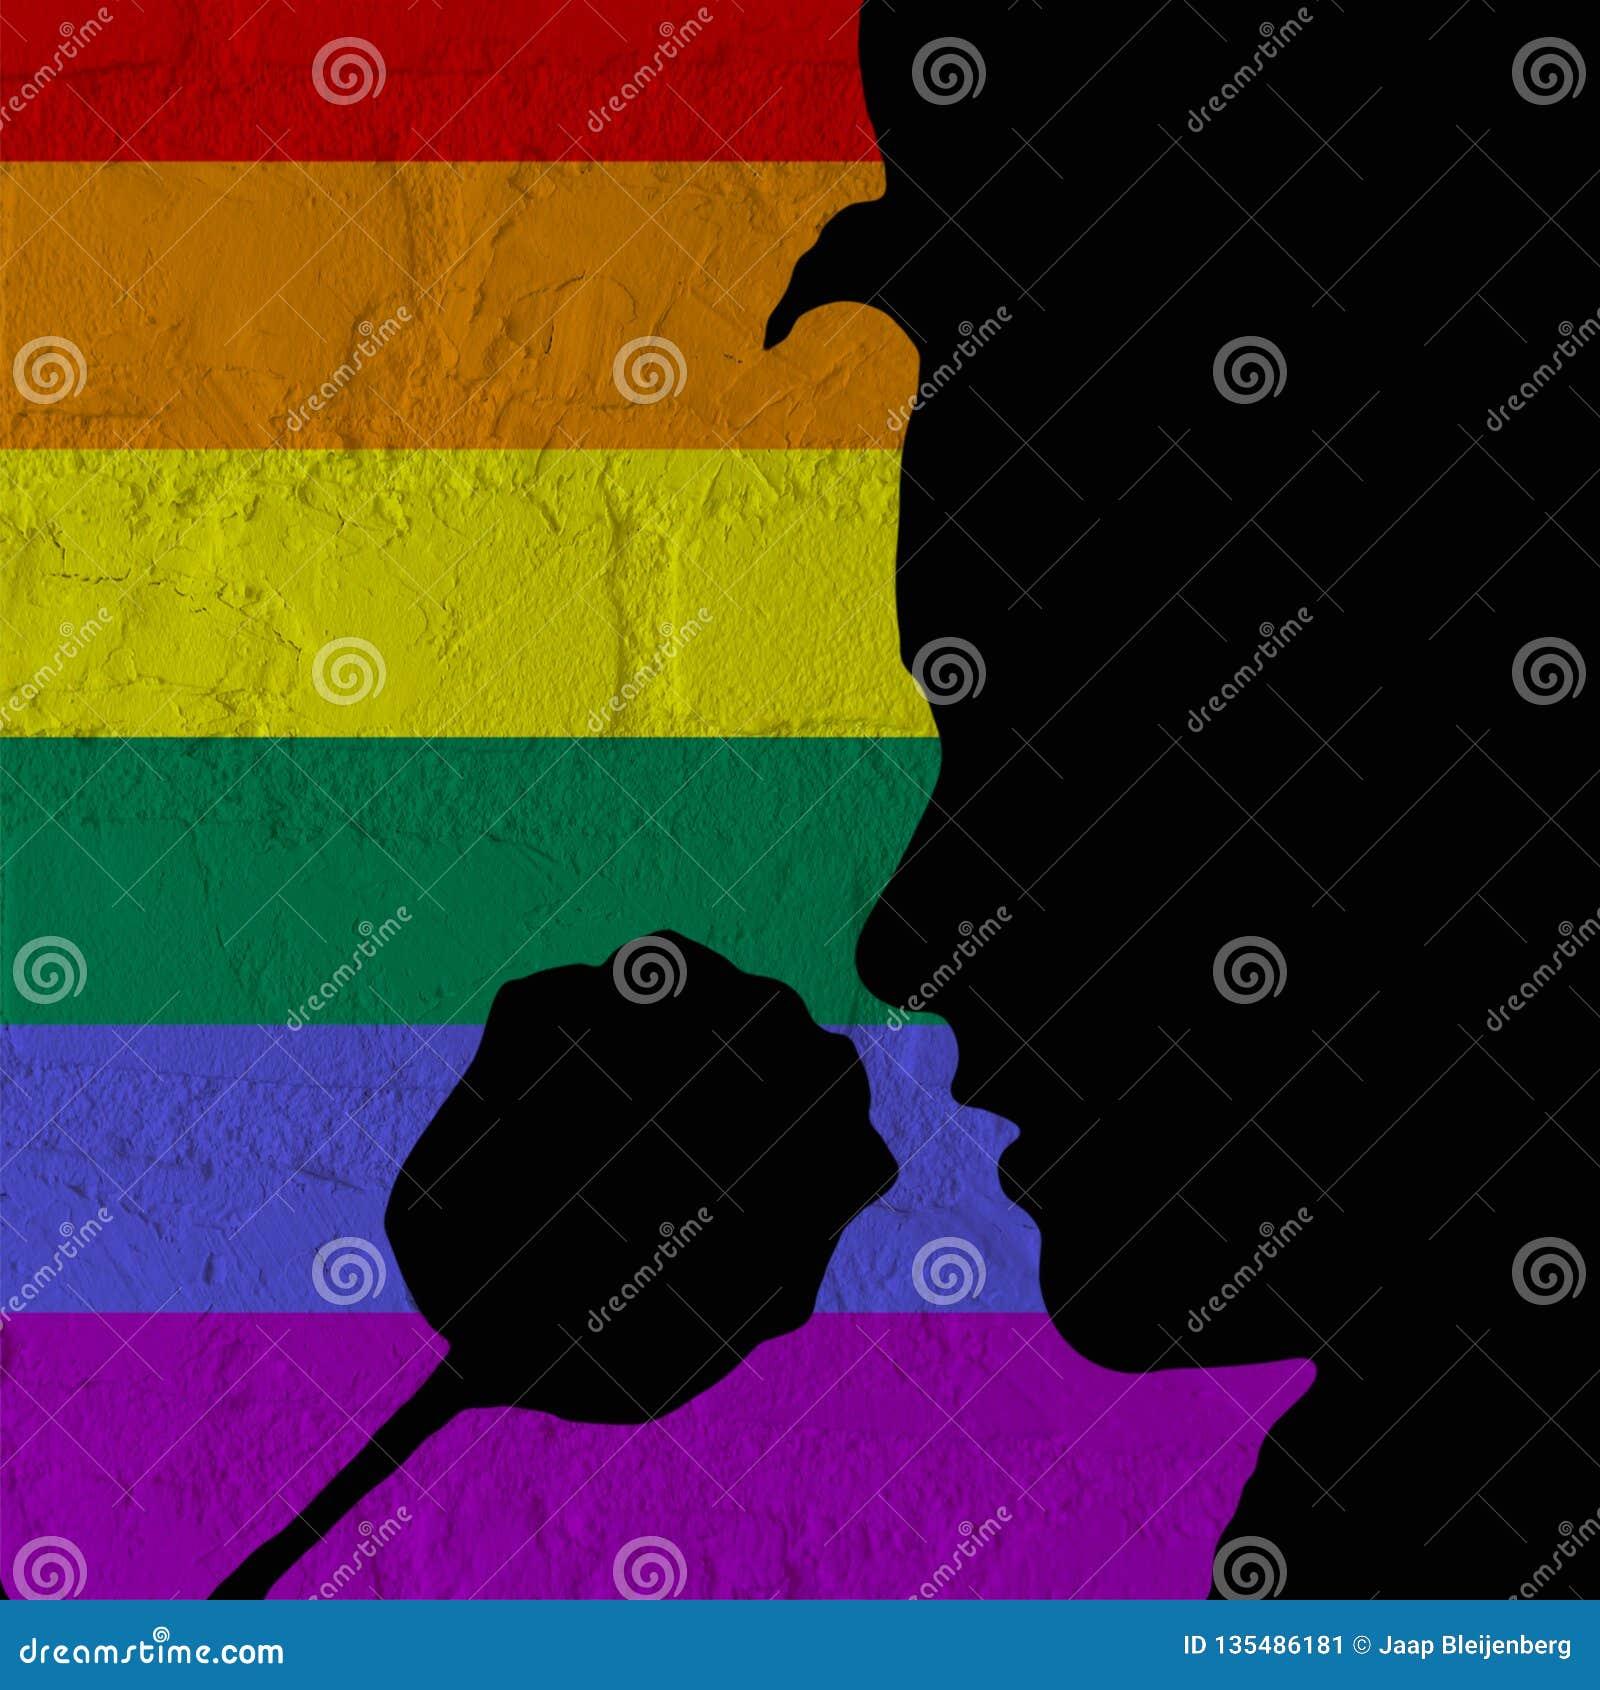 LGBT, silueta de una cara que huele una rosa de día de San Valentín, aislada en una pared de ladrillo con el modelo de la bandera